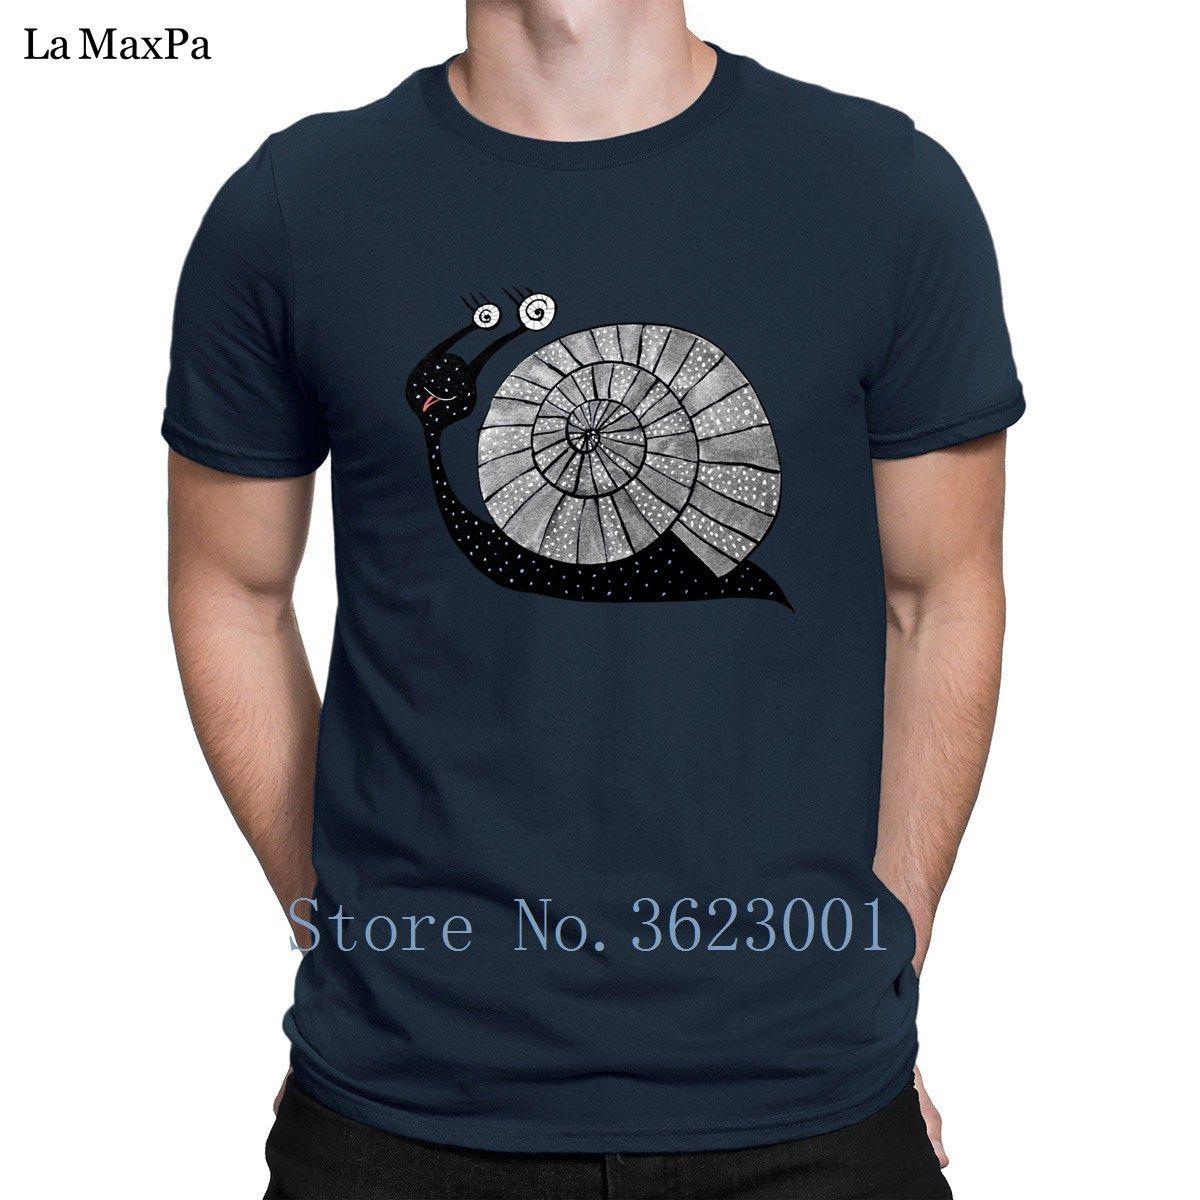 Benutzerdefinierte Letters Mann Karikatur-Schnecke mit gewundenen Augen der Männer-T-Shirt Neuestes O-Ansatz T-Shirts Slogan-T-Shirt Günstige 2018